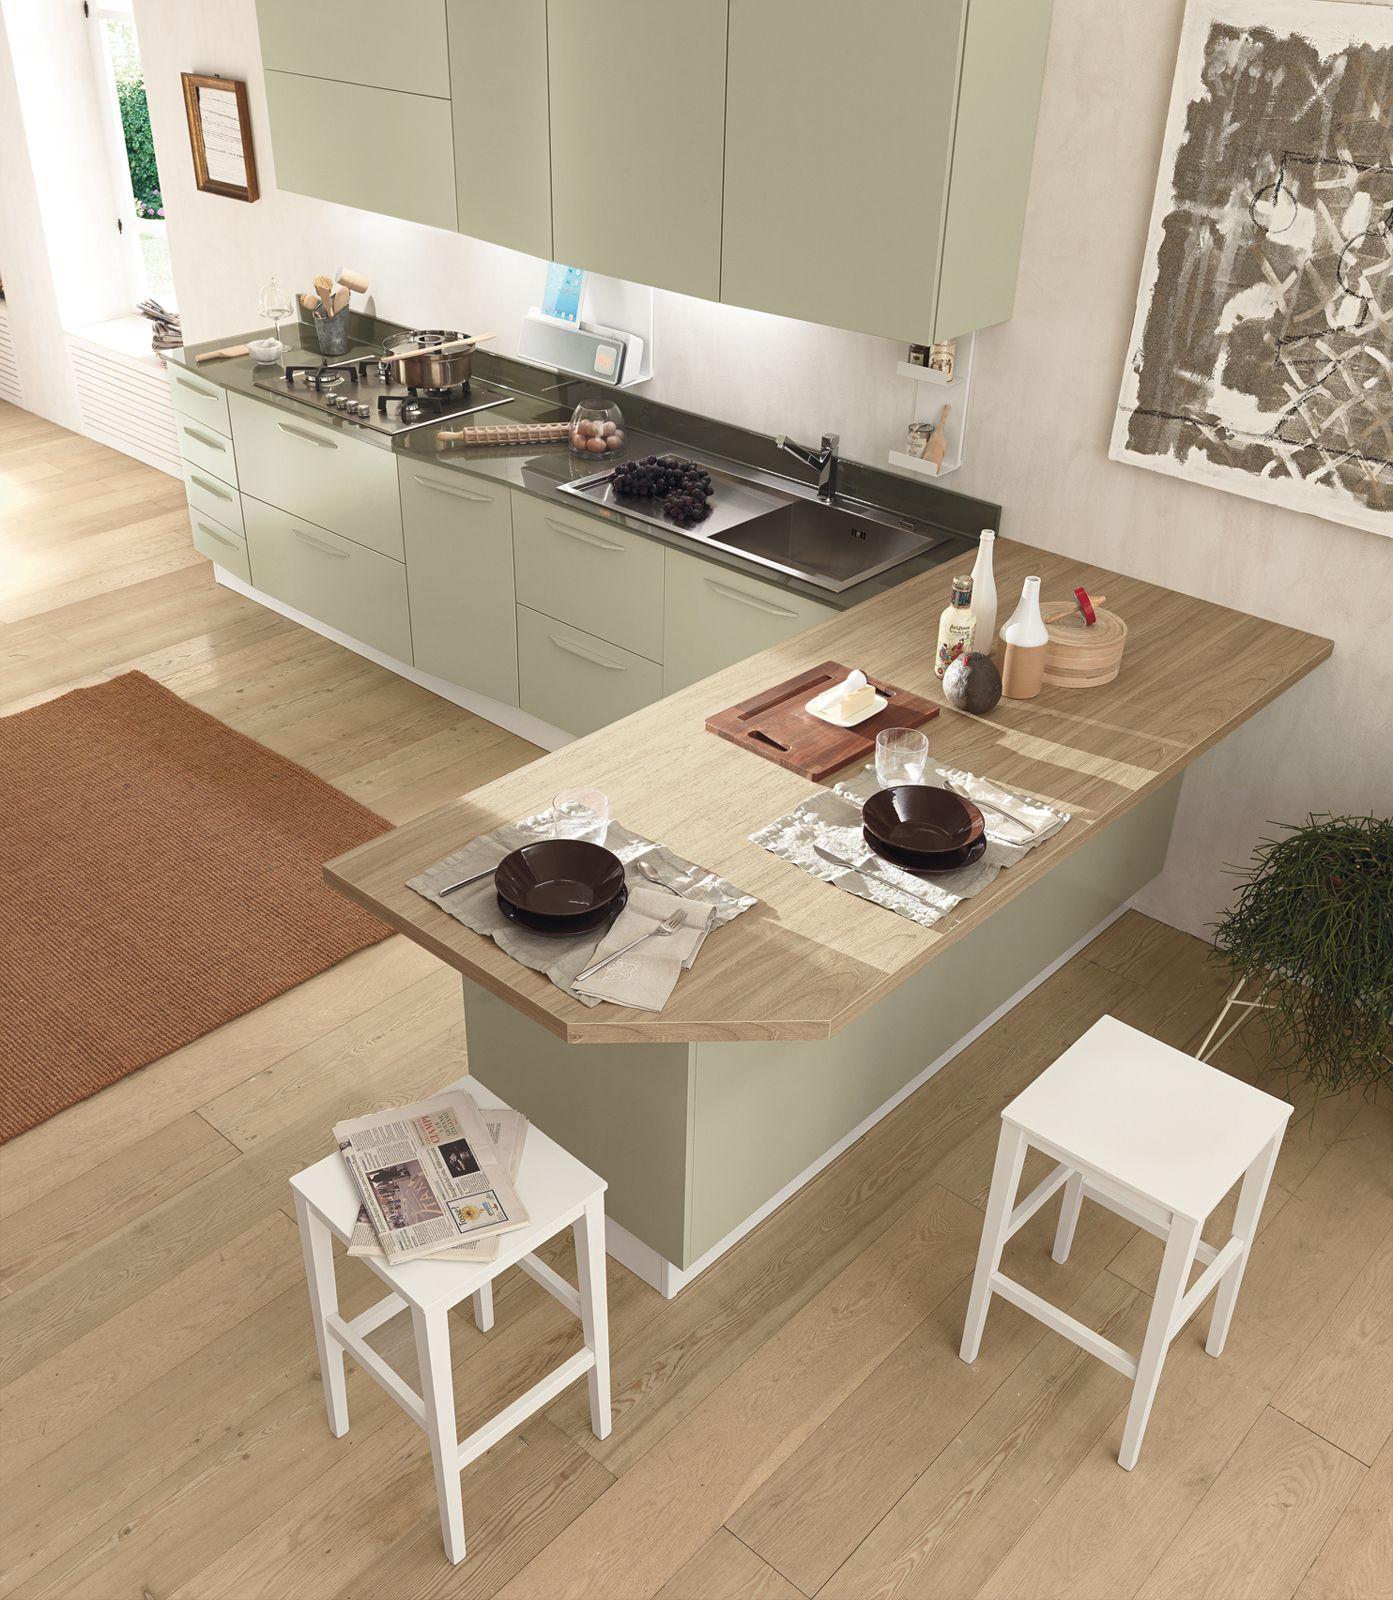 alicante nature&family di febal è una cucina ergonomica ... - Cucina Febal Light La Qualita Accessibile